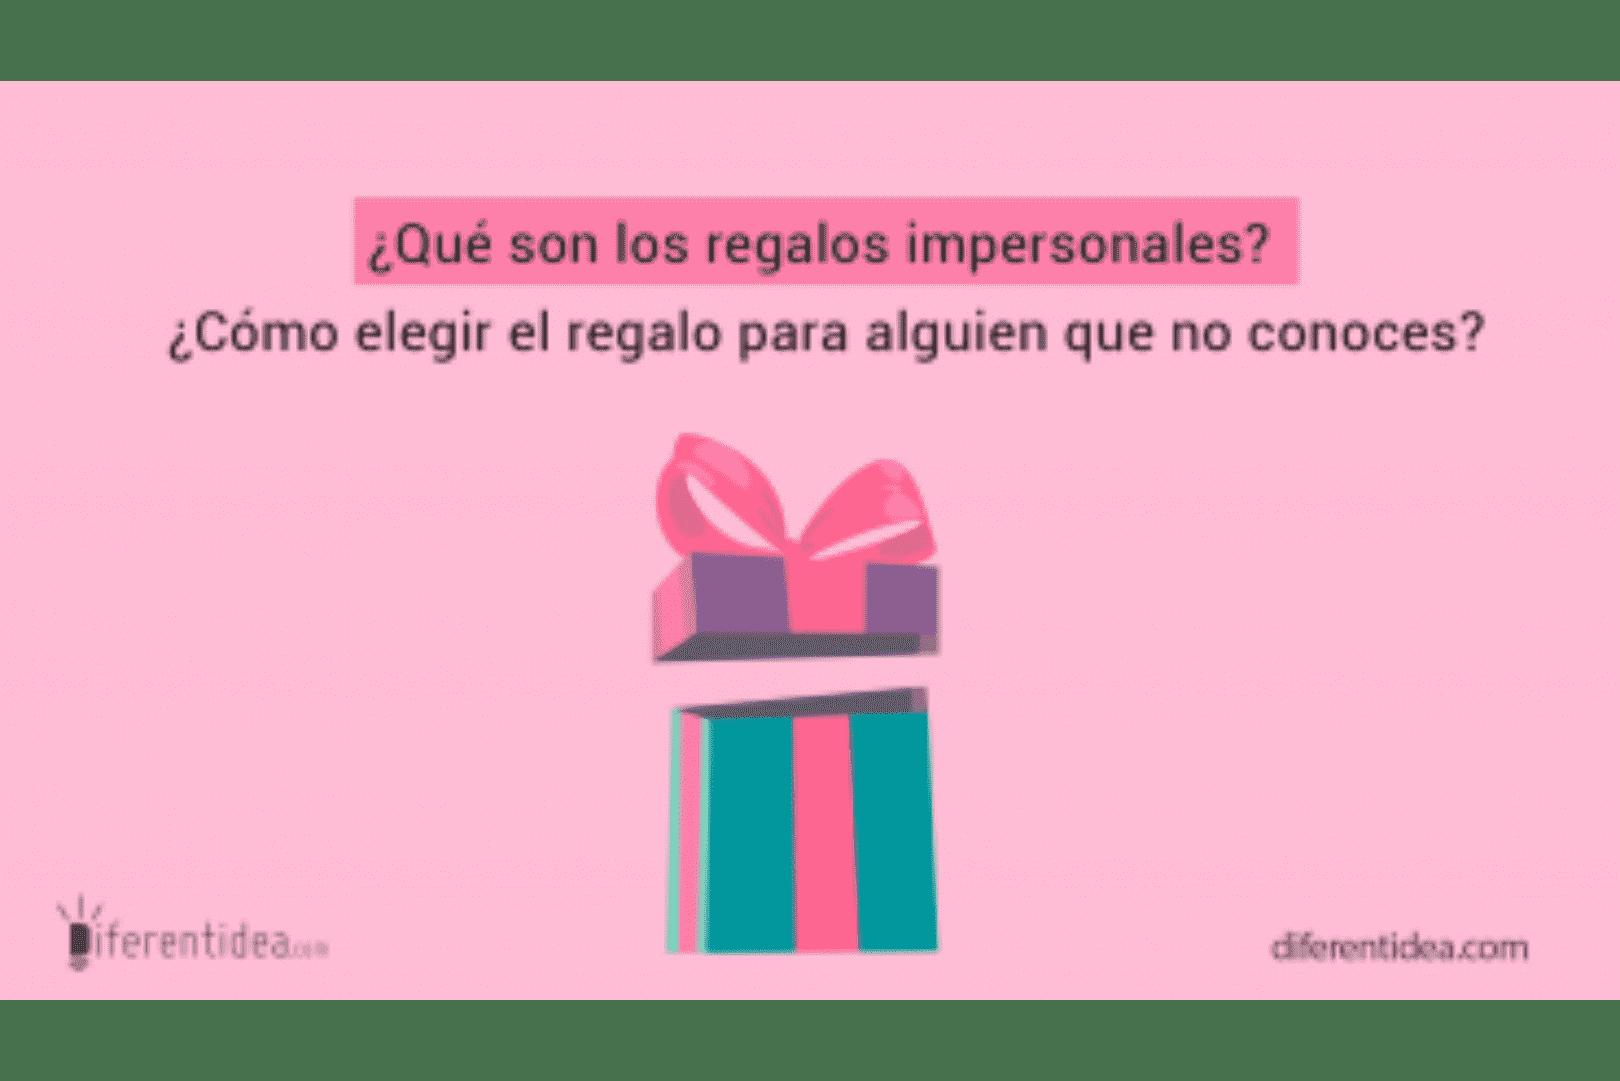 lg-b-regalos impersonales